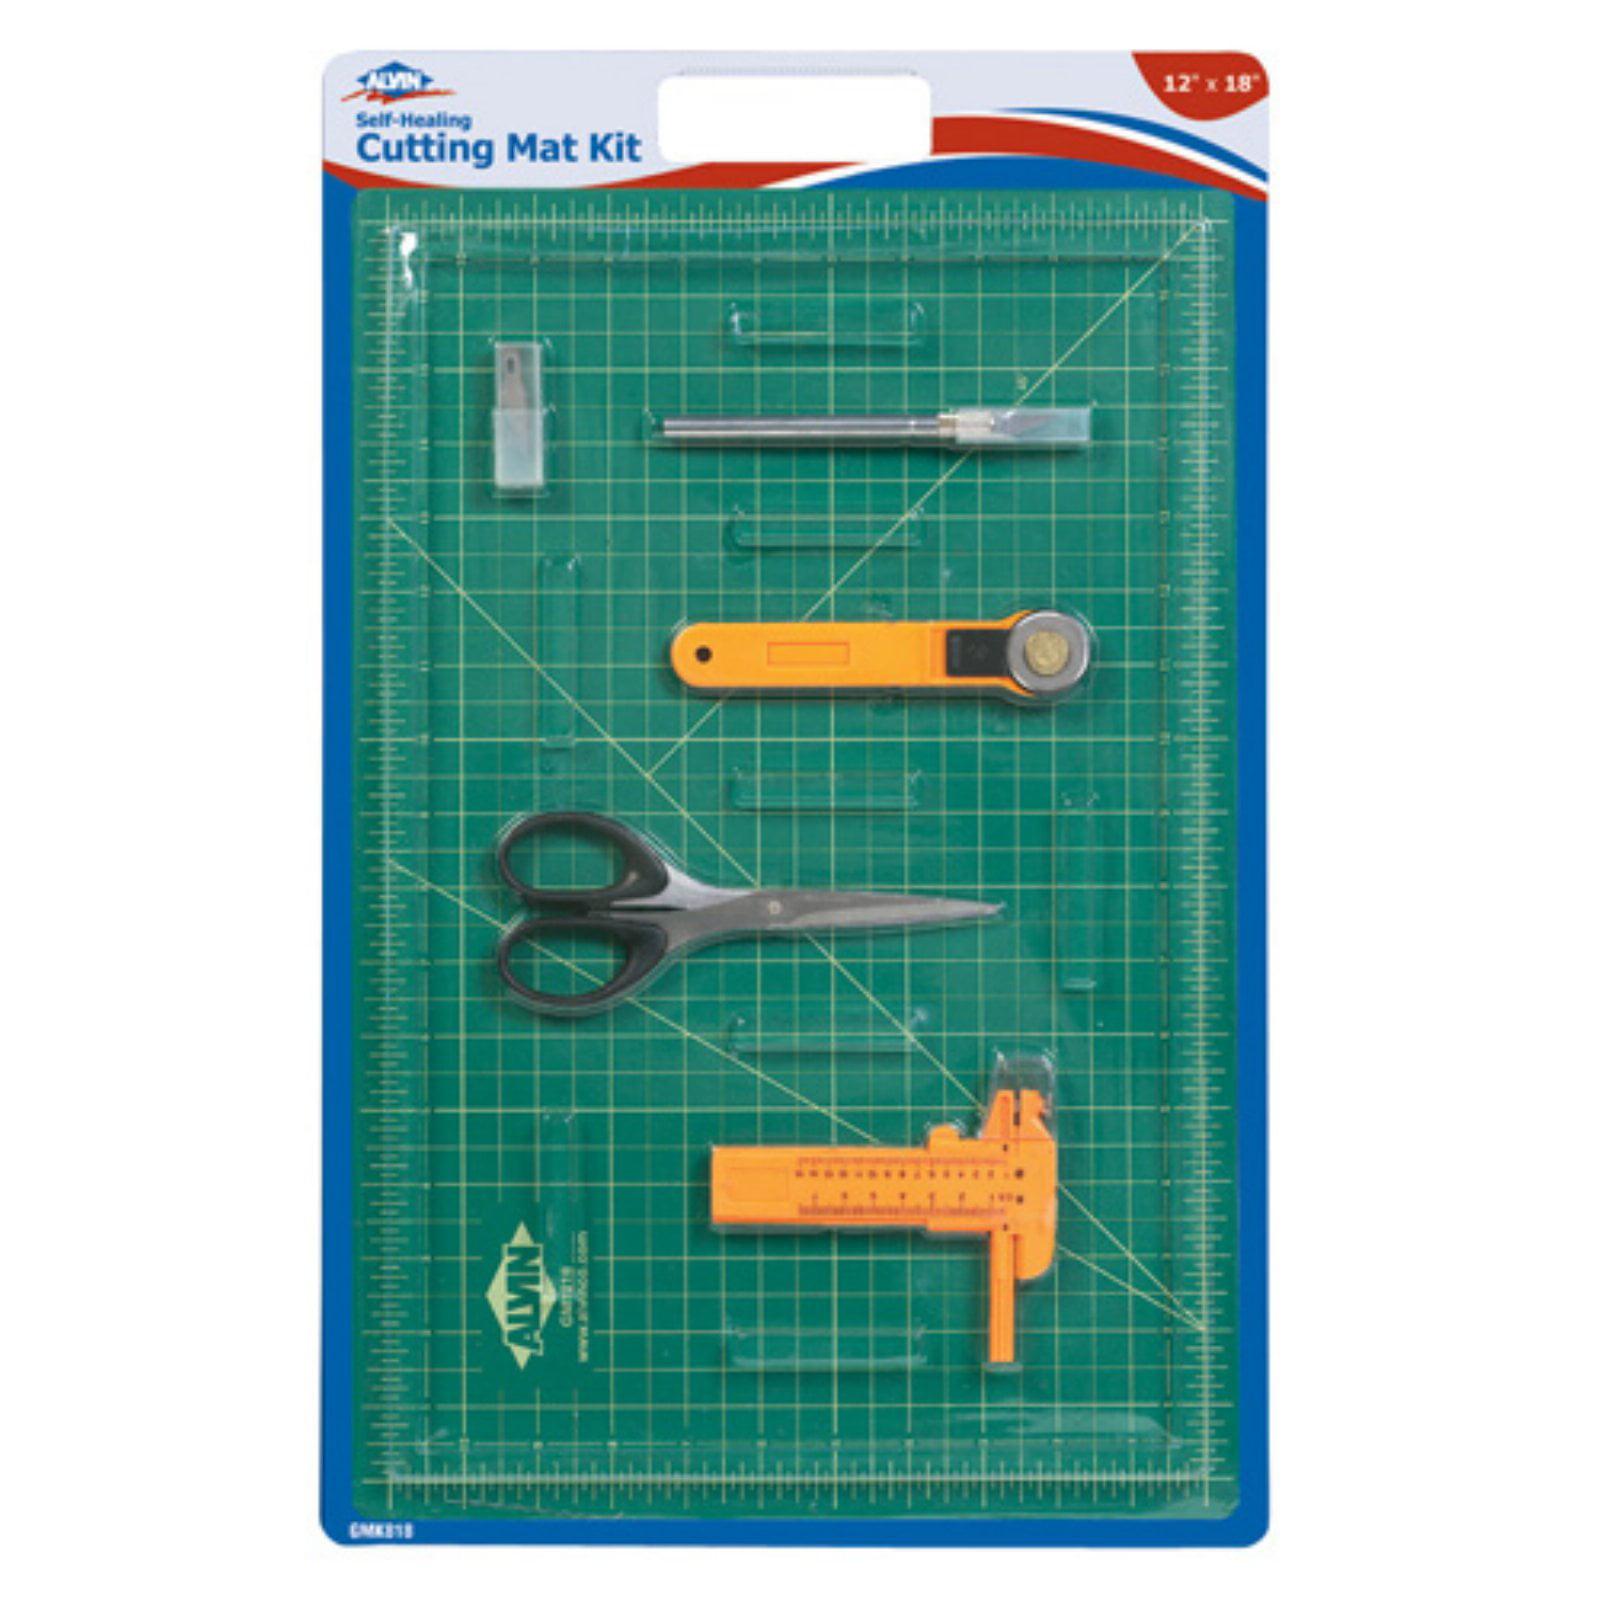 Alvin Self Healing Cutting Mat Deluxe Kit Walmart Com